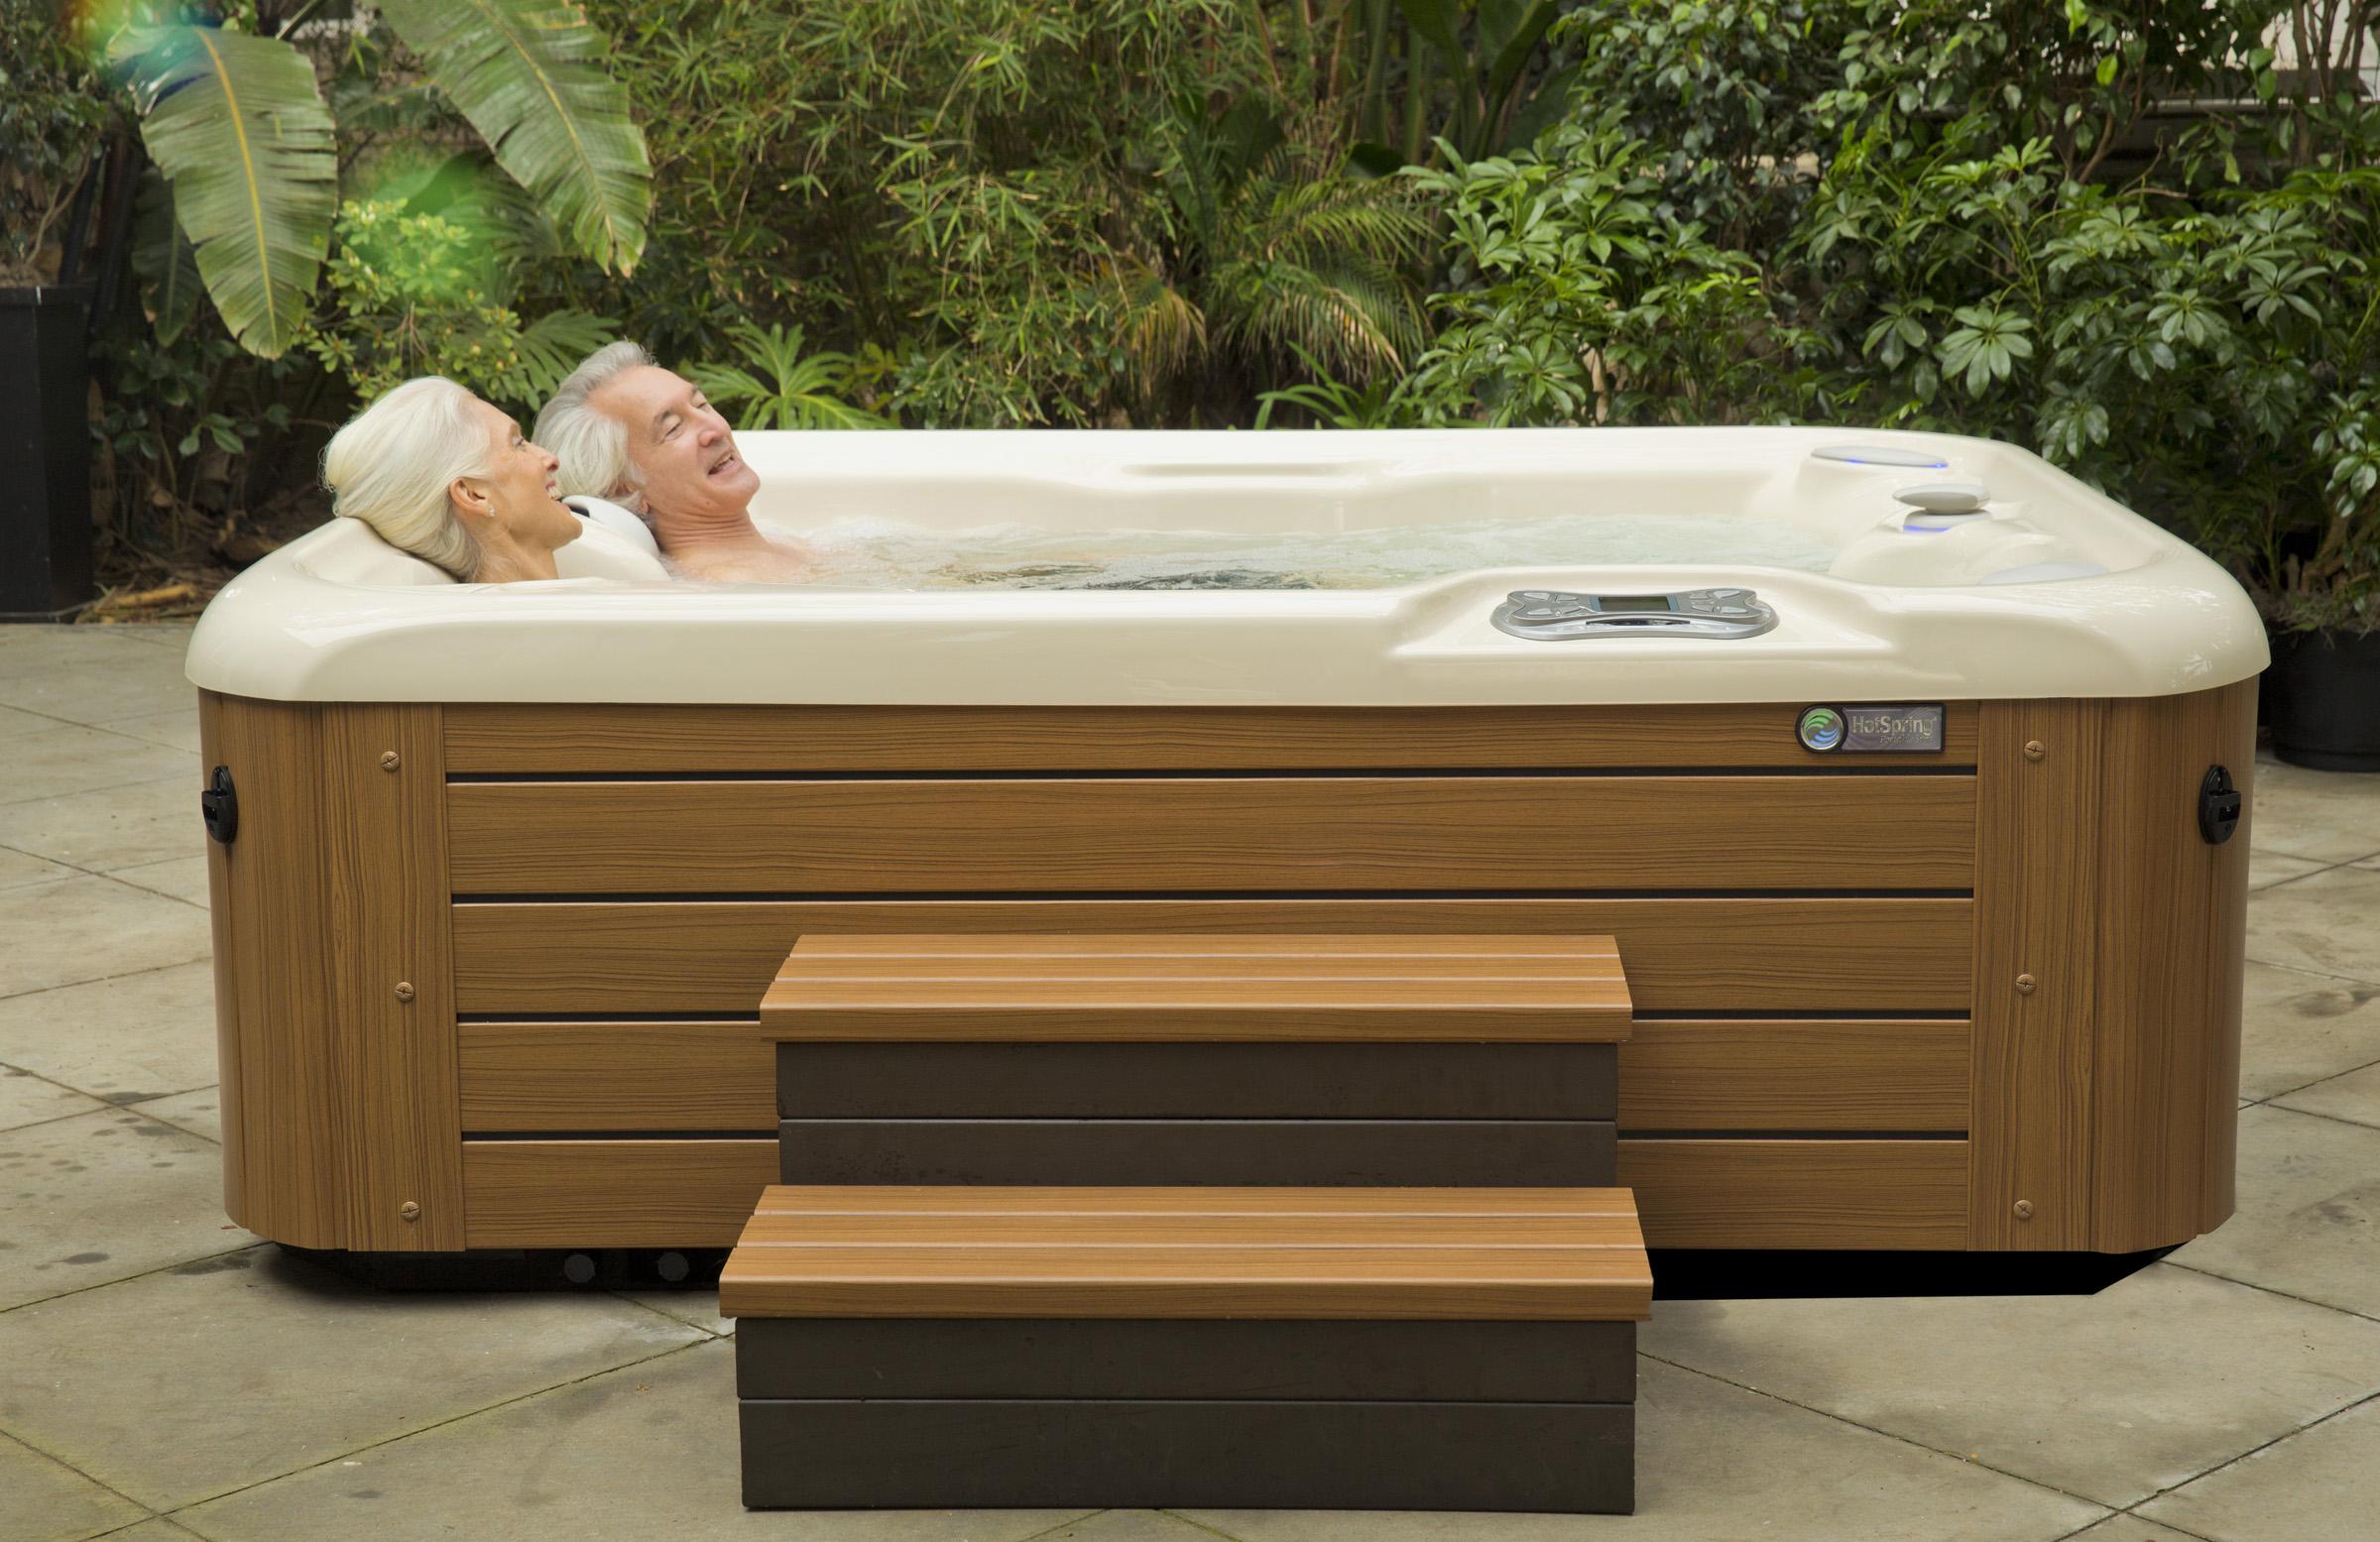 Hot Tub - Fun Center